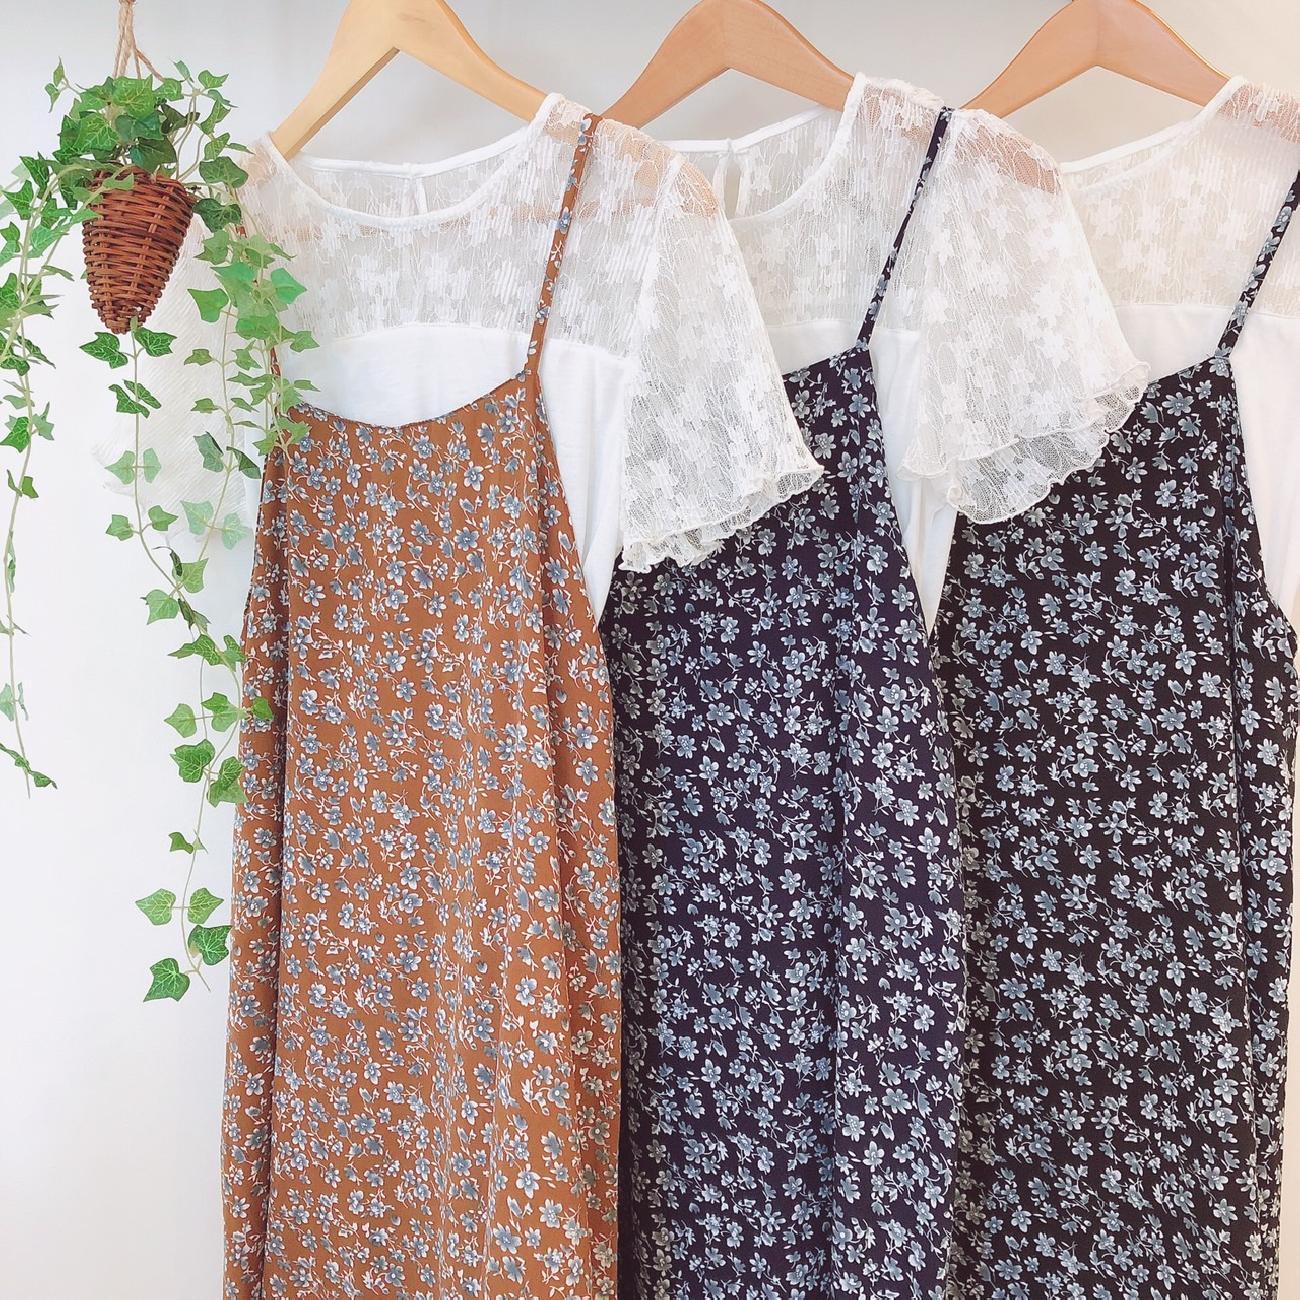 春服/春コーデ/コーディネート/お出かけコーデ/お出かけ/ファッション/服